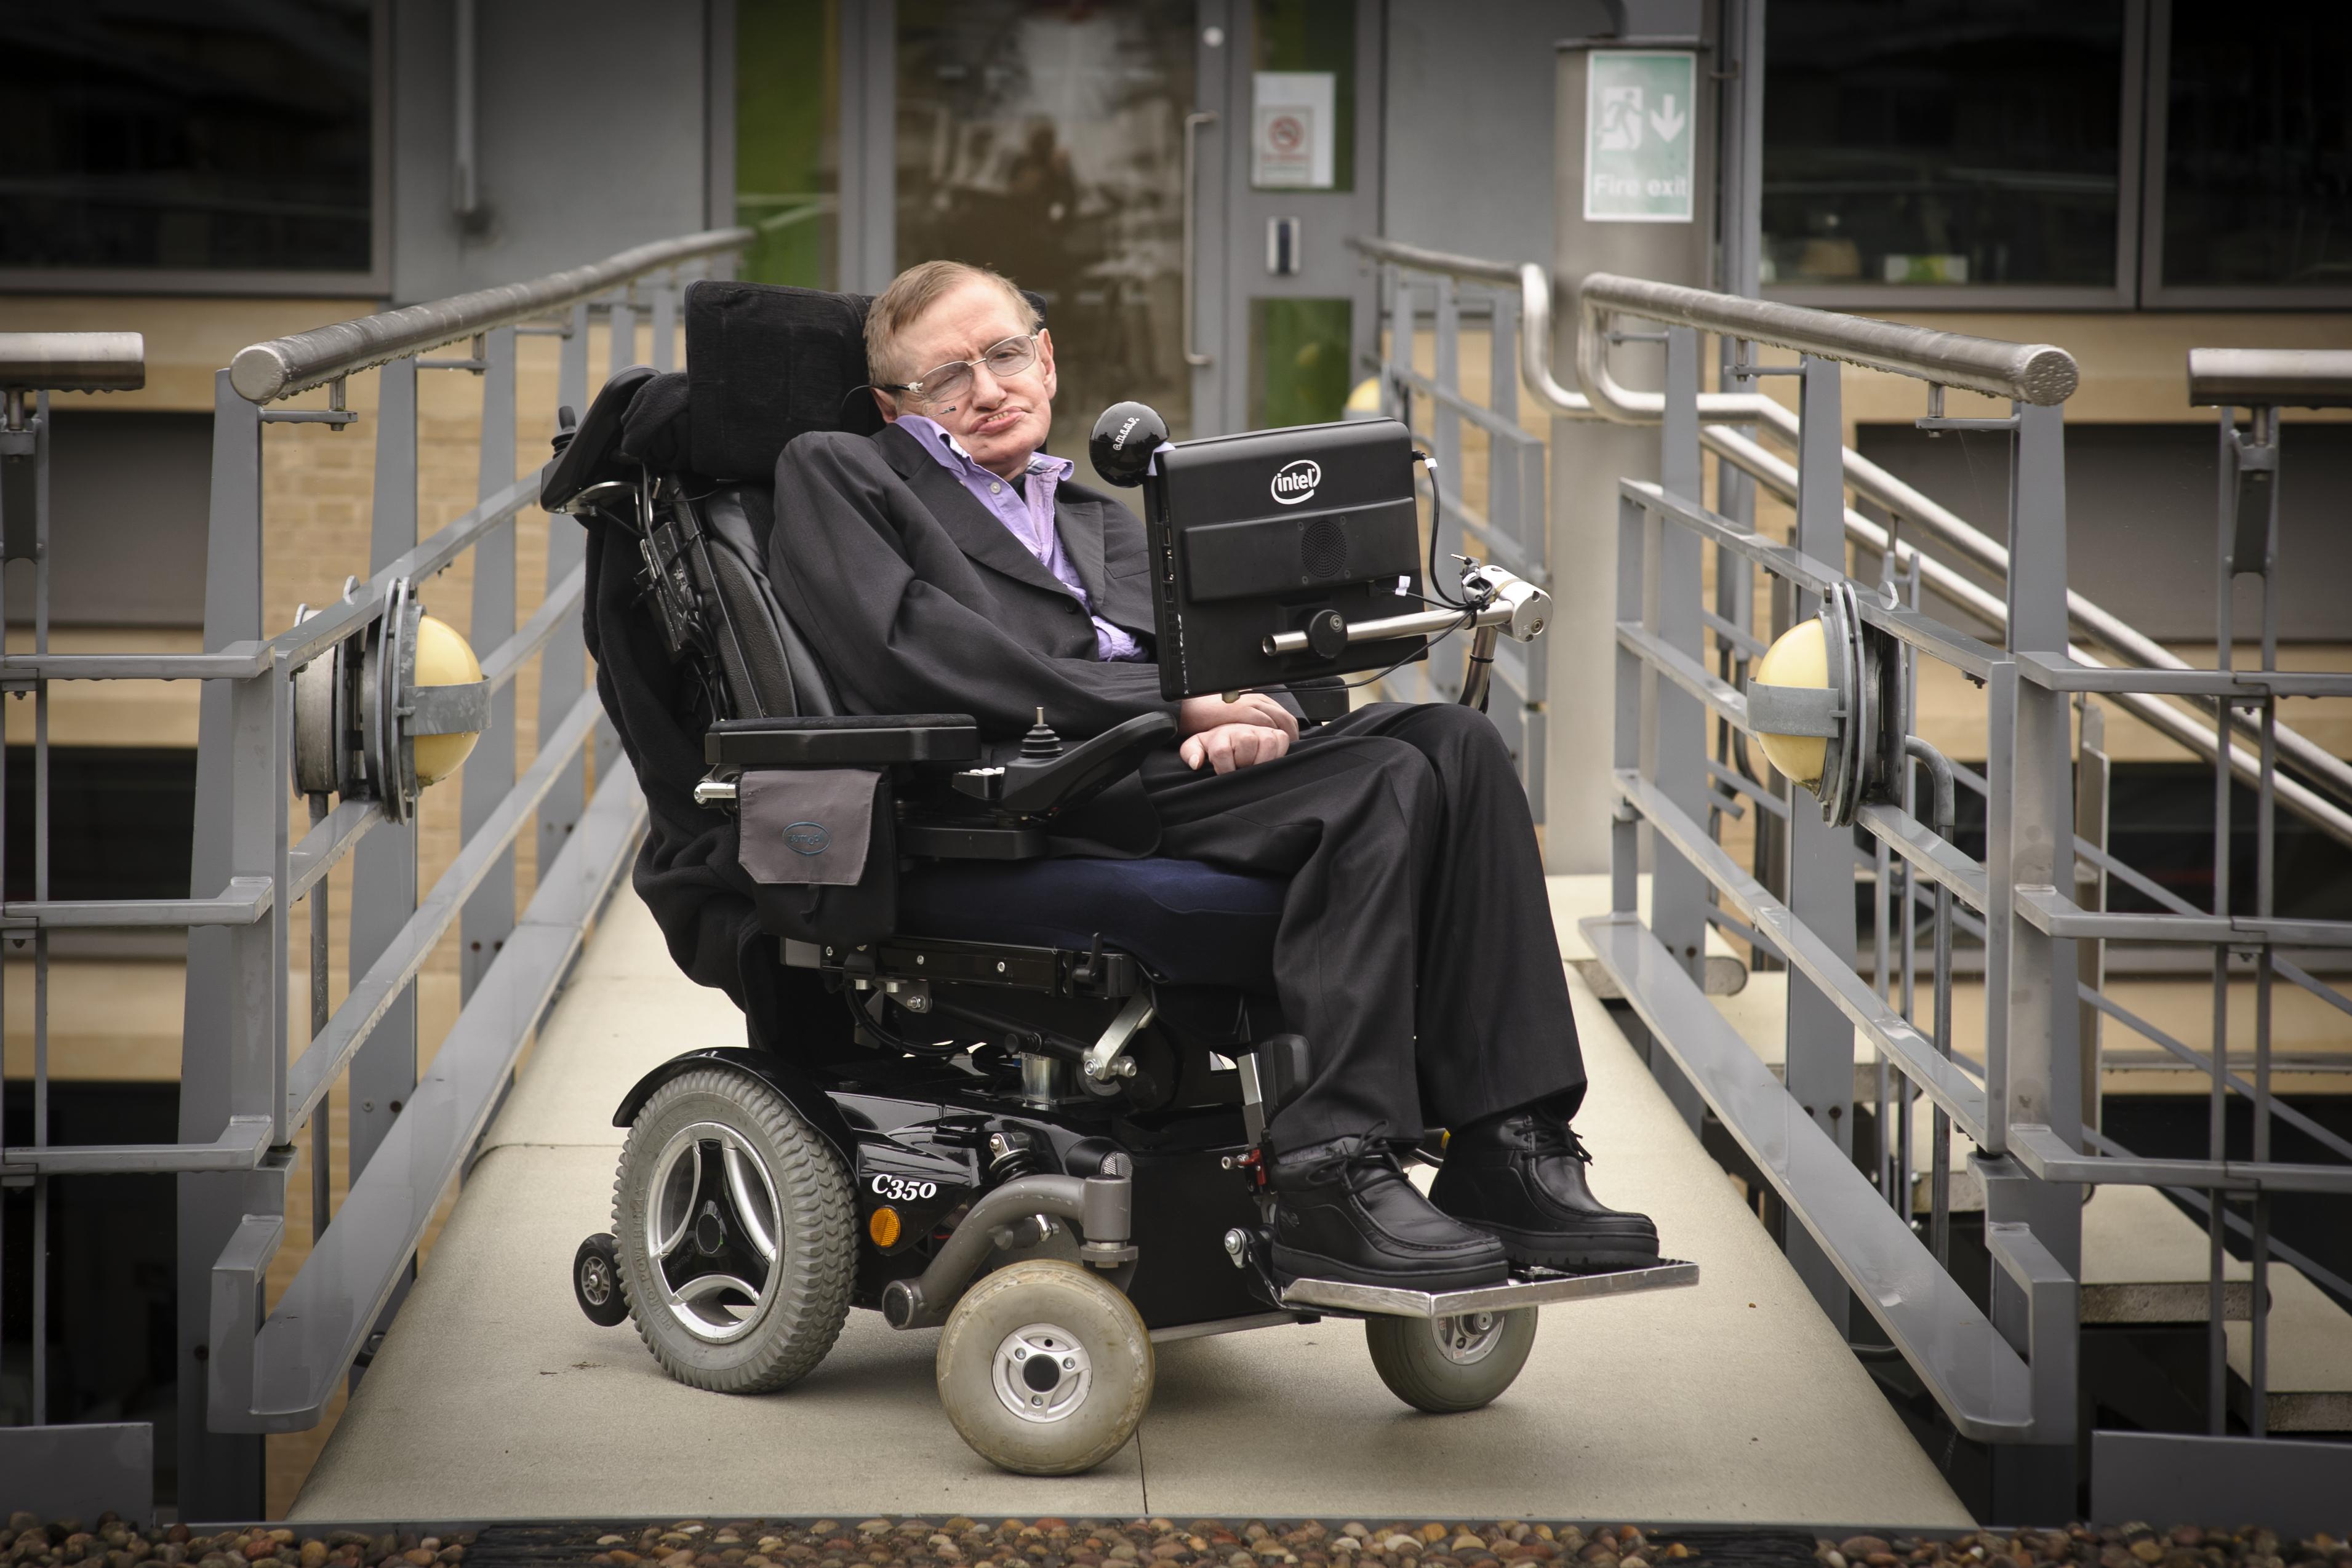 Stephen Hawking meninggal usia 76 tahun, ini pernyataan resmi keluarga